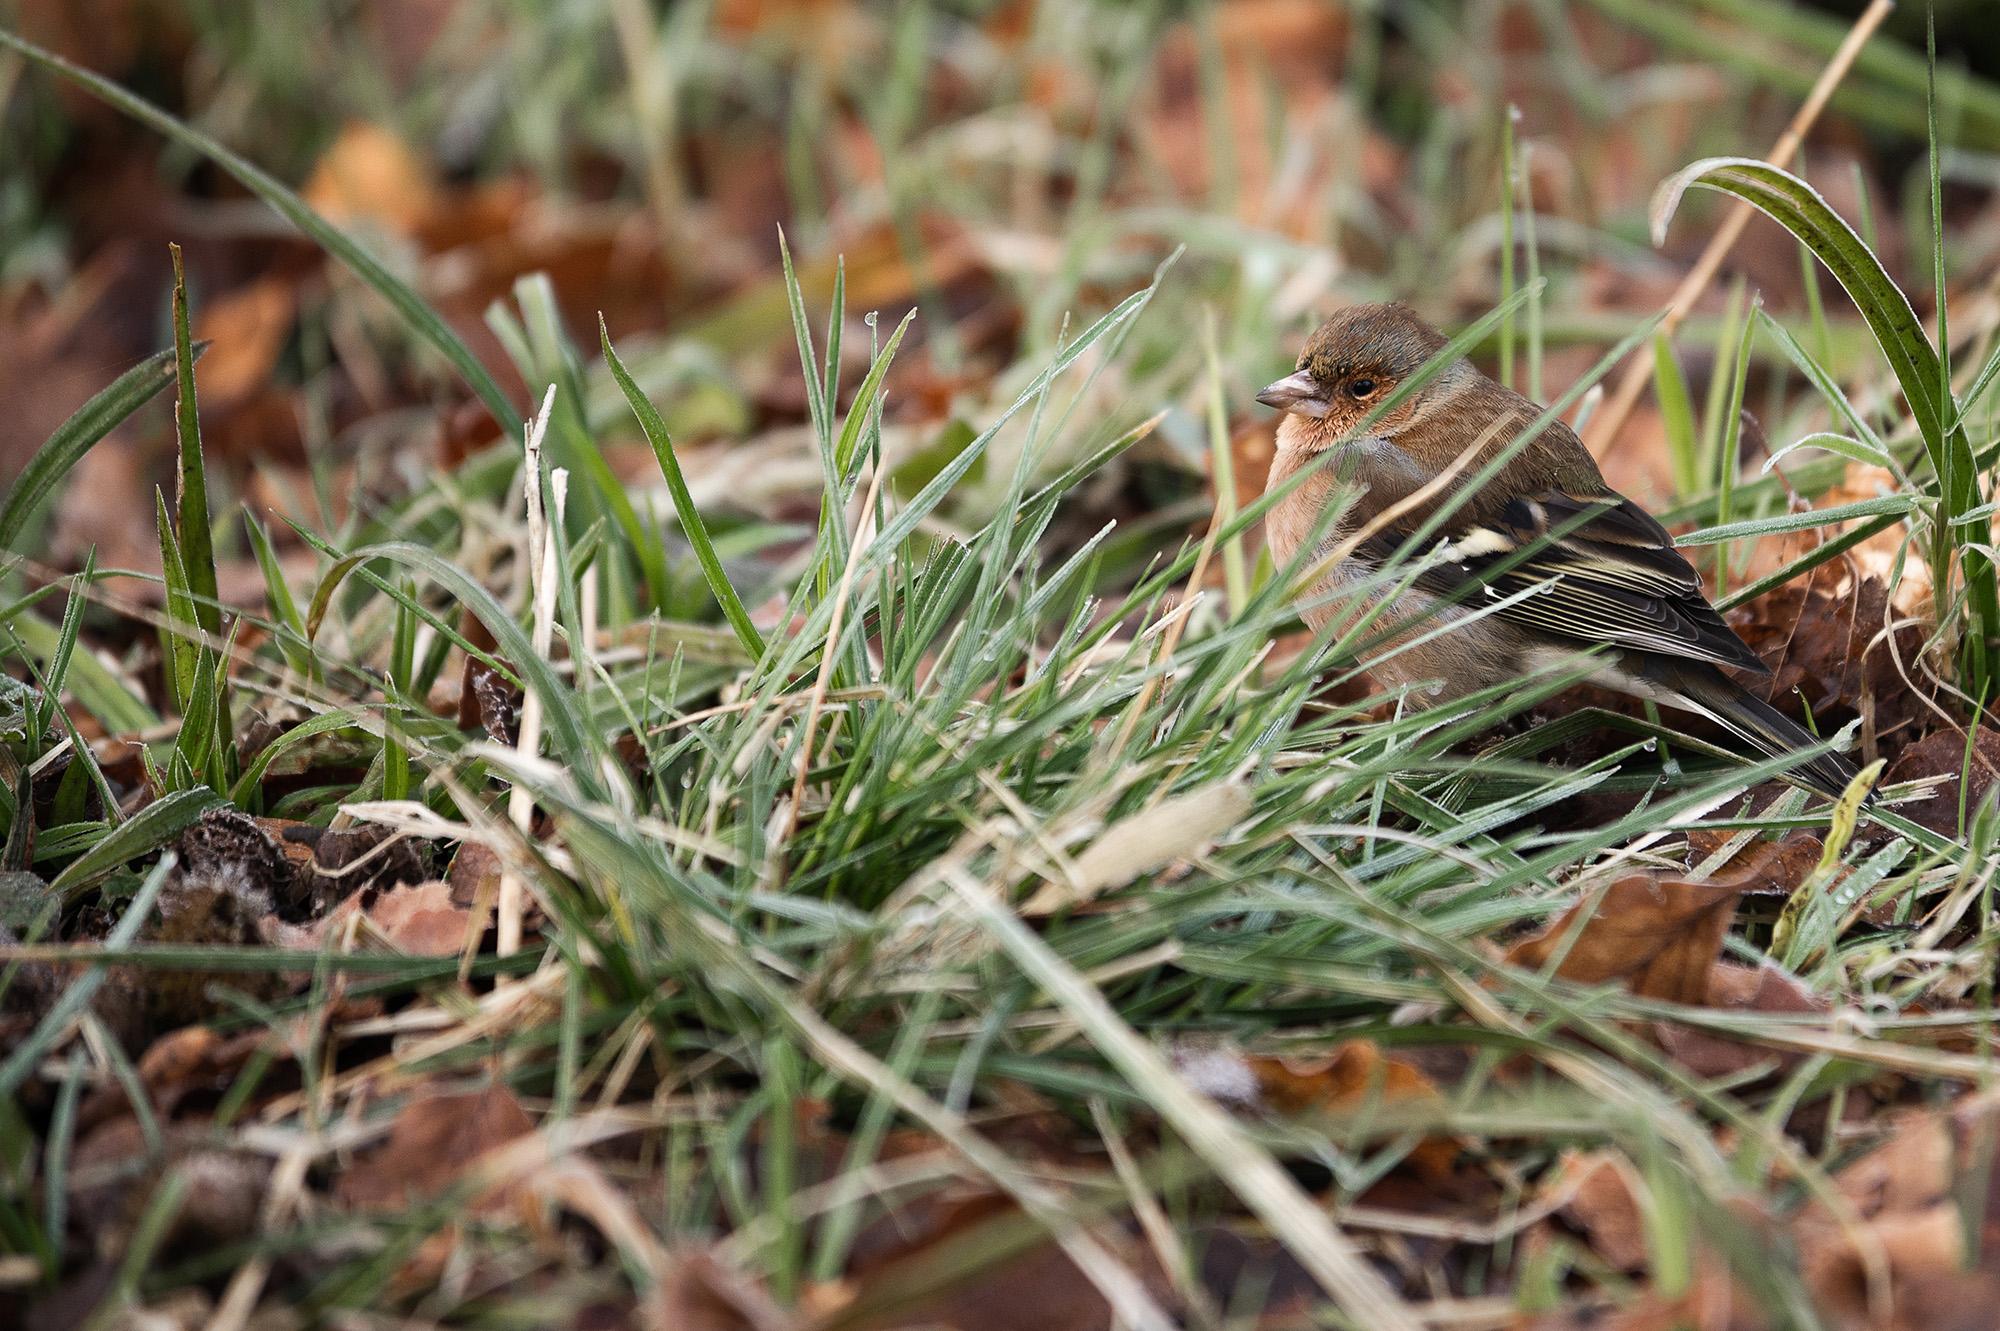 En lille buttet spurv gemmer sig bag en tot græs i skovbunden.